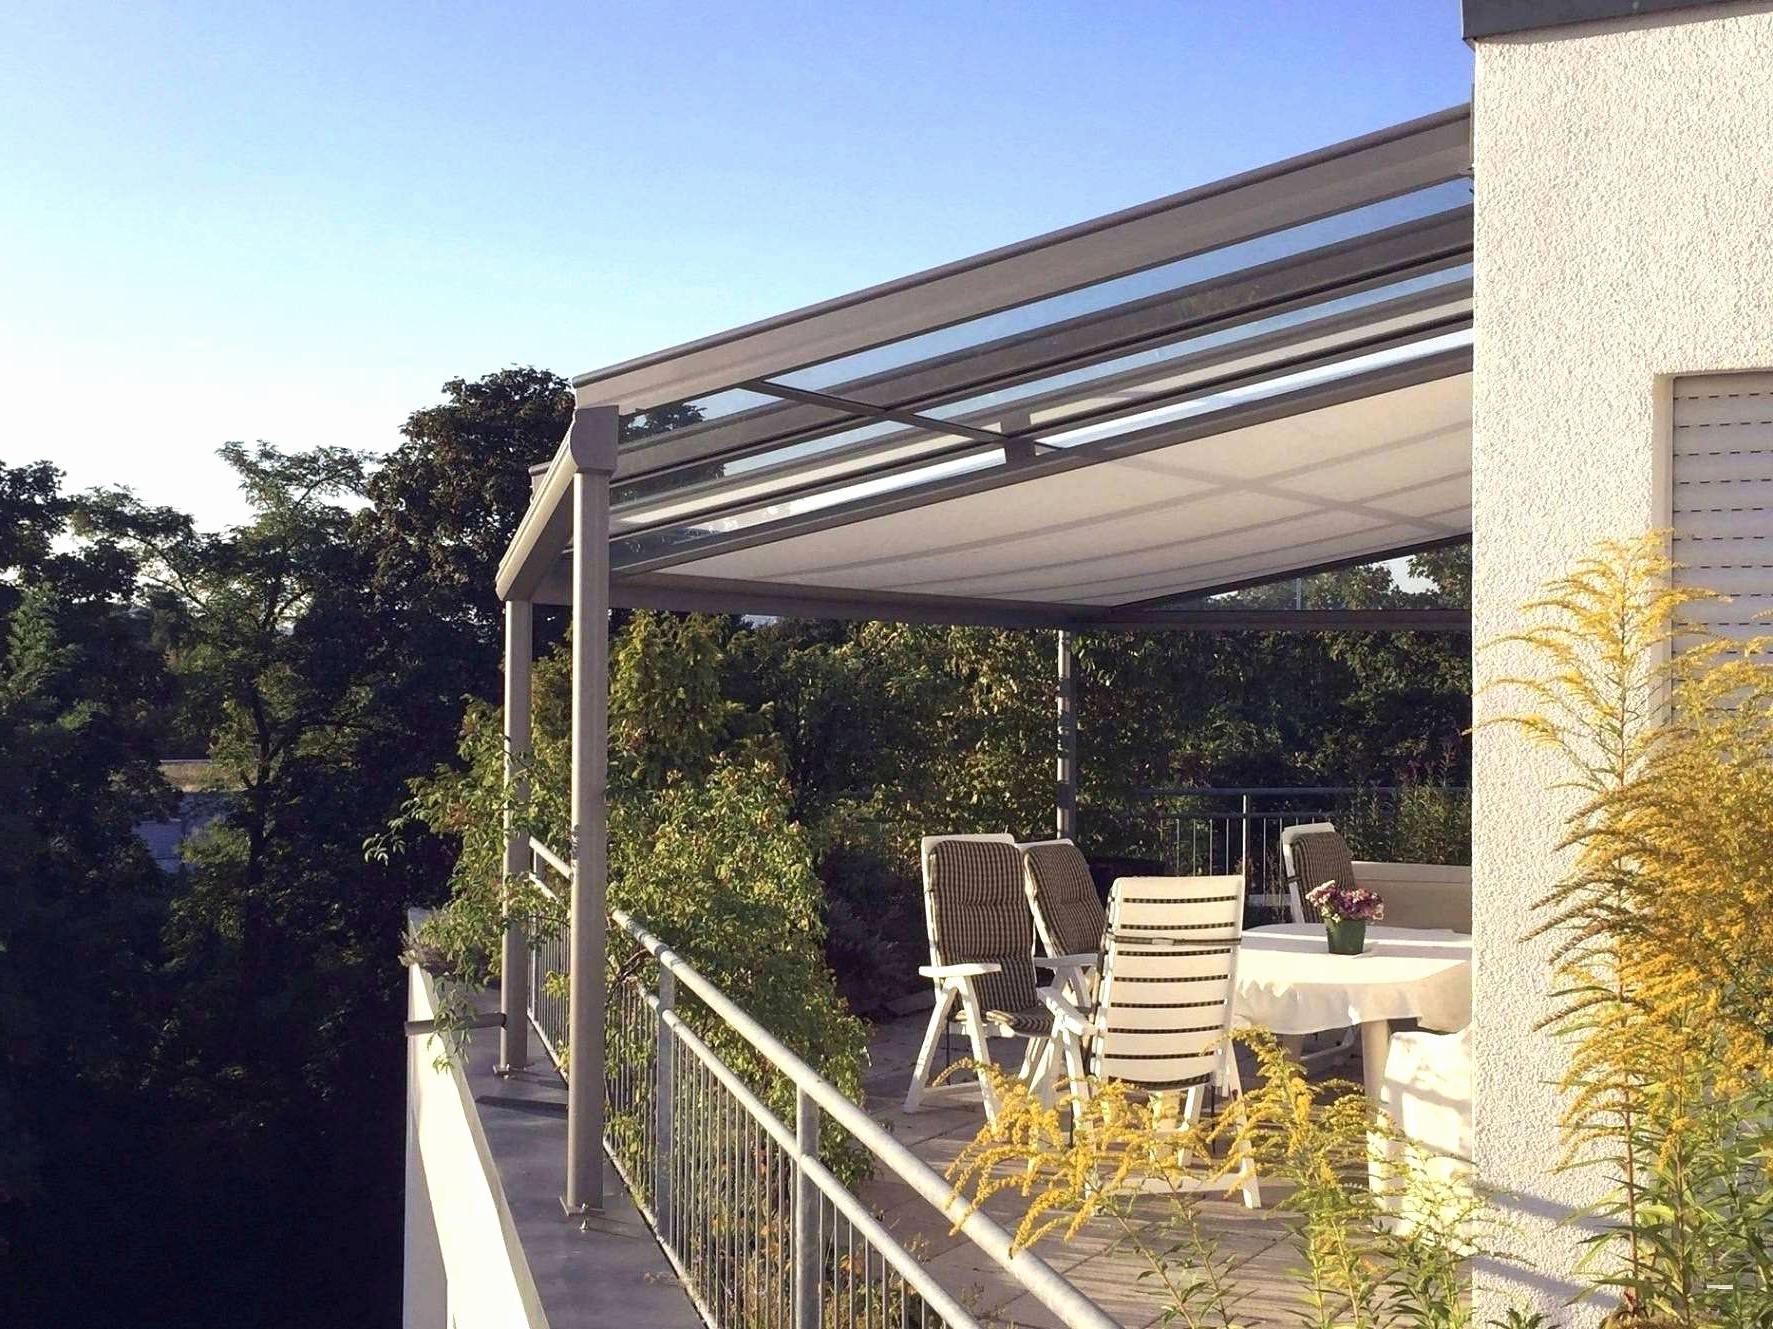 gartengestaltung modern mit kies b5kiuinmoebokwfcj3rs vorgartengestaltung mit kies of vorgartengestaltung mit kies